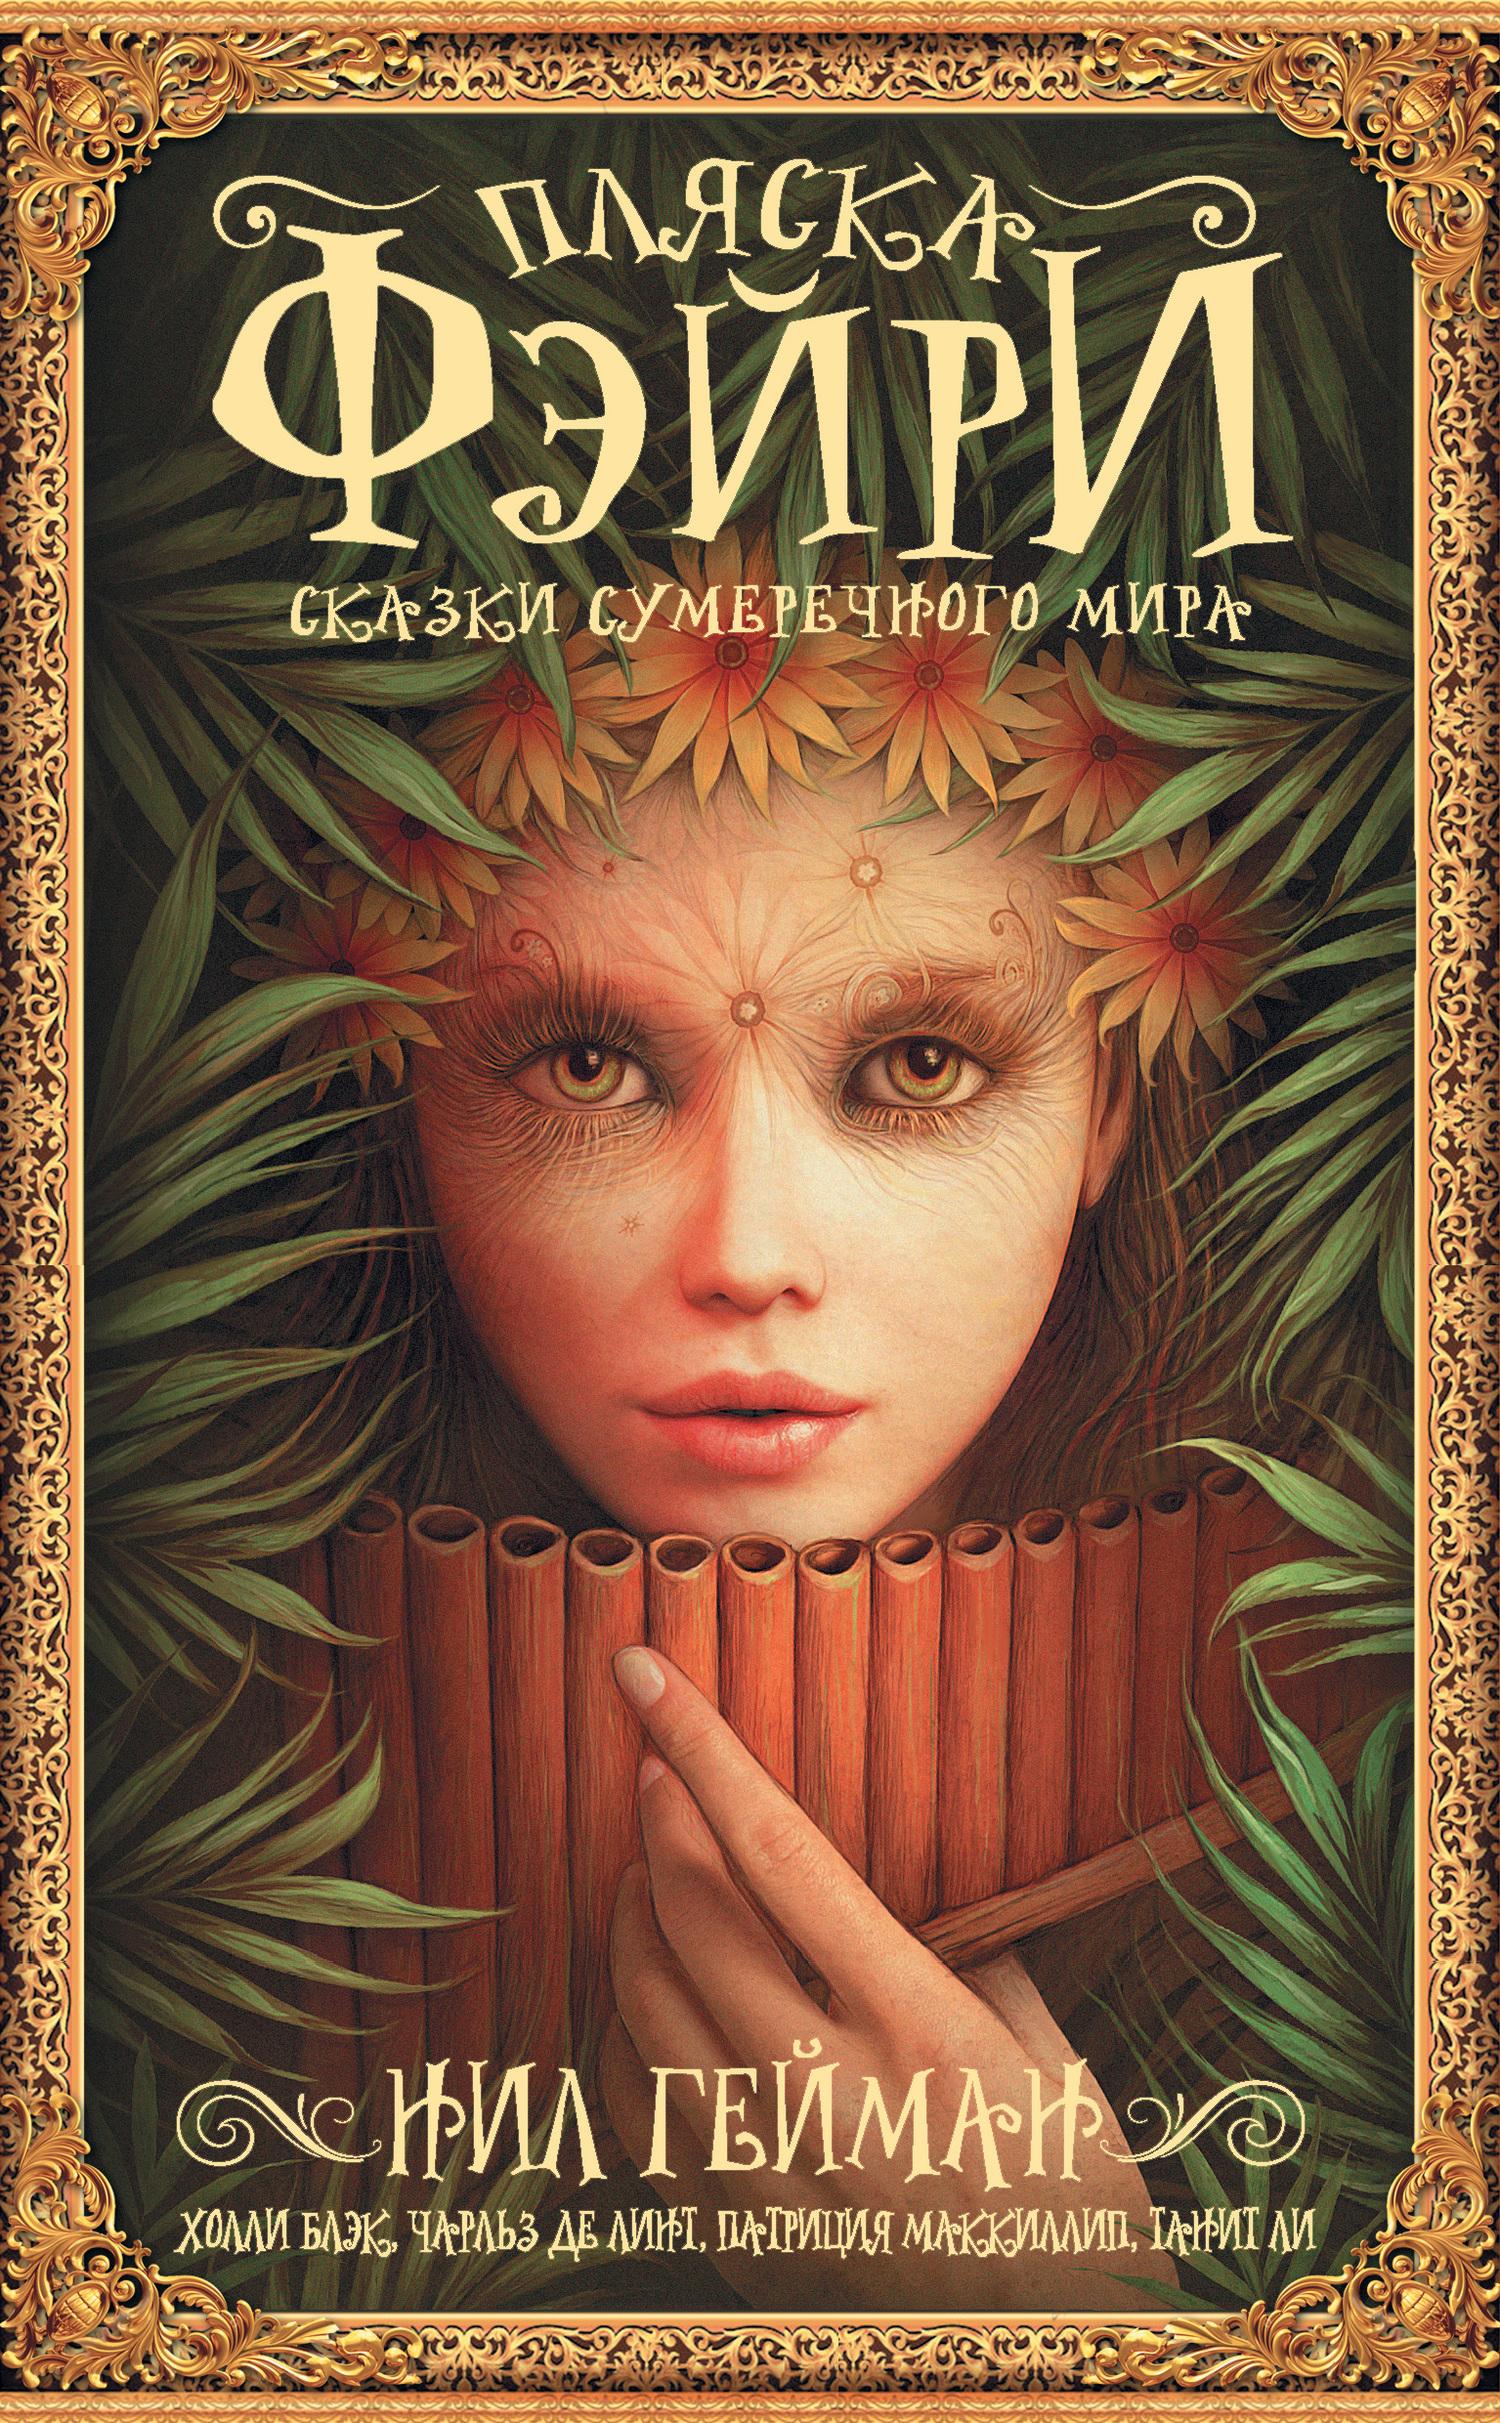 d9ae59506 Книга: Пляска фэйри. Сказки сумеречного мира